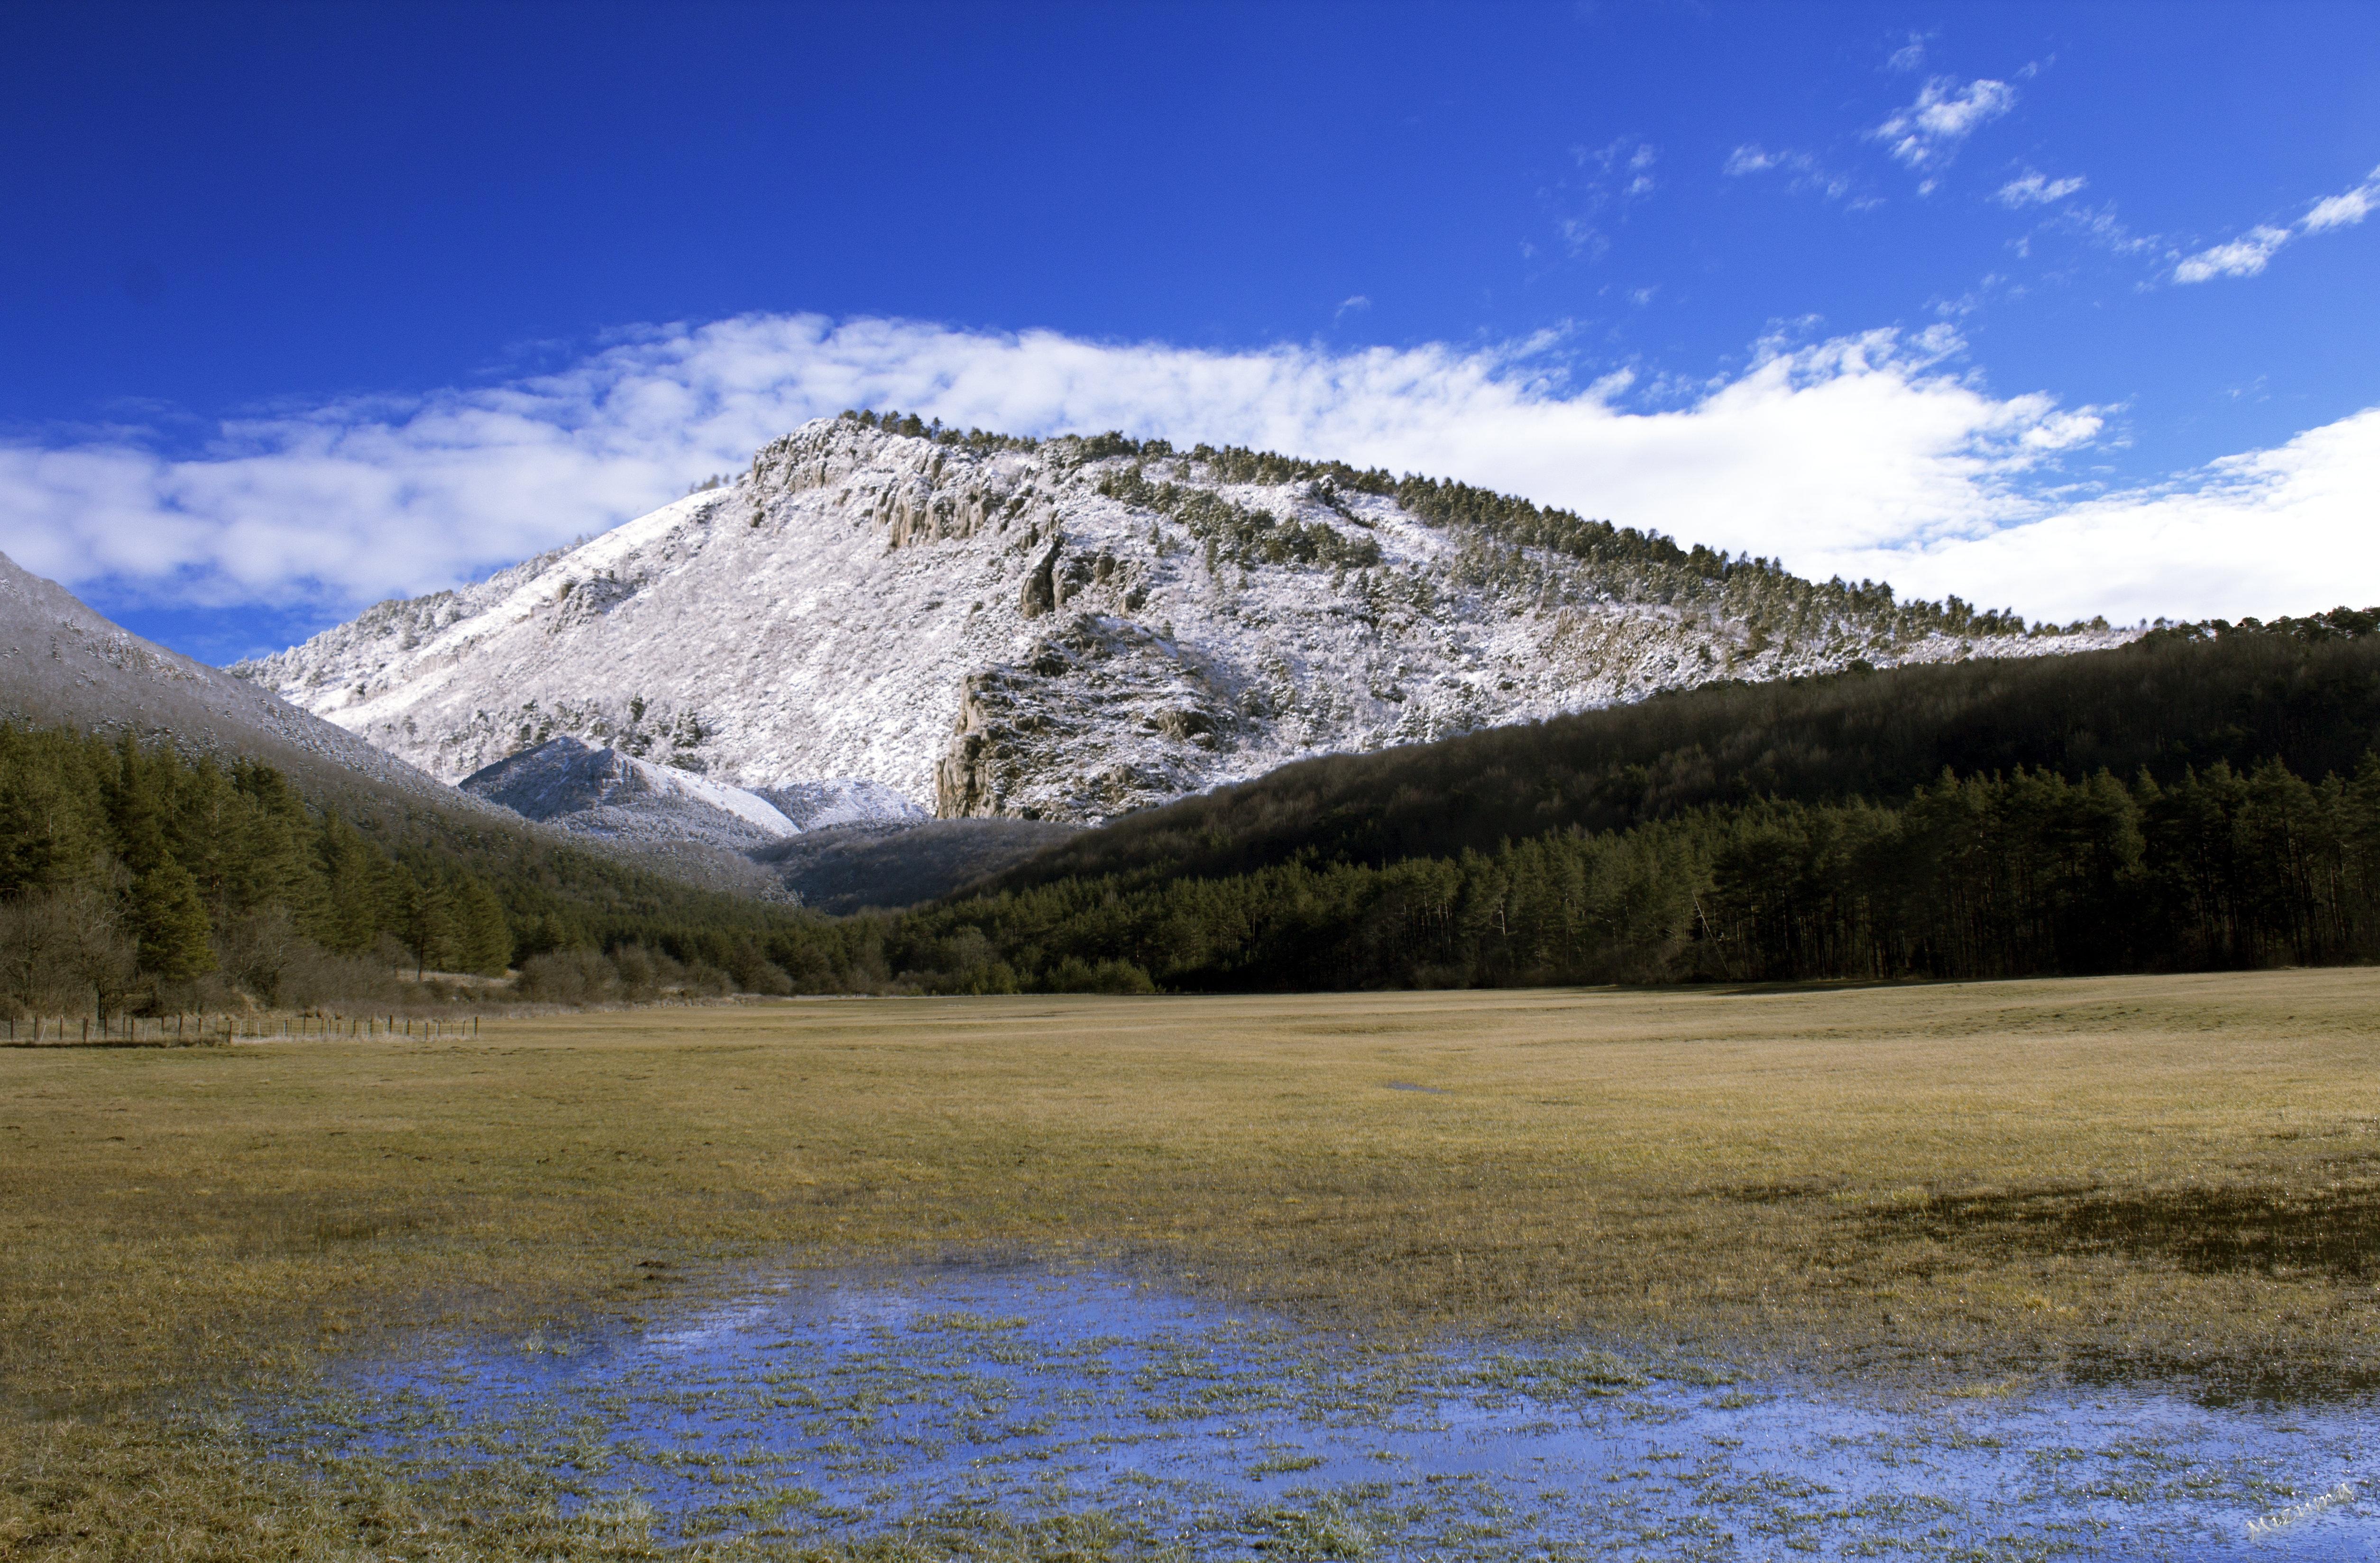 Gambar Pemandangan Asli Gunung - Kumpulan Montase, Kolase ...